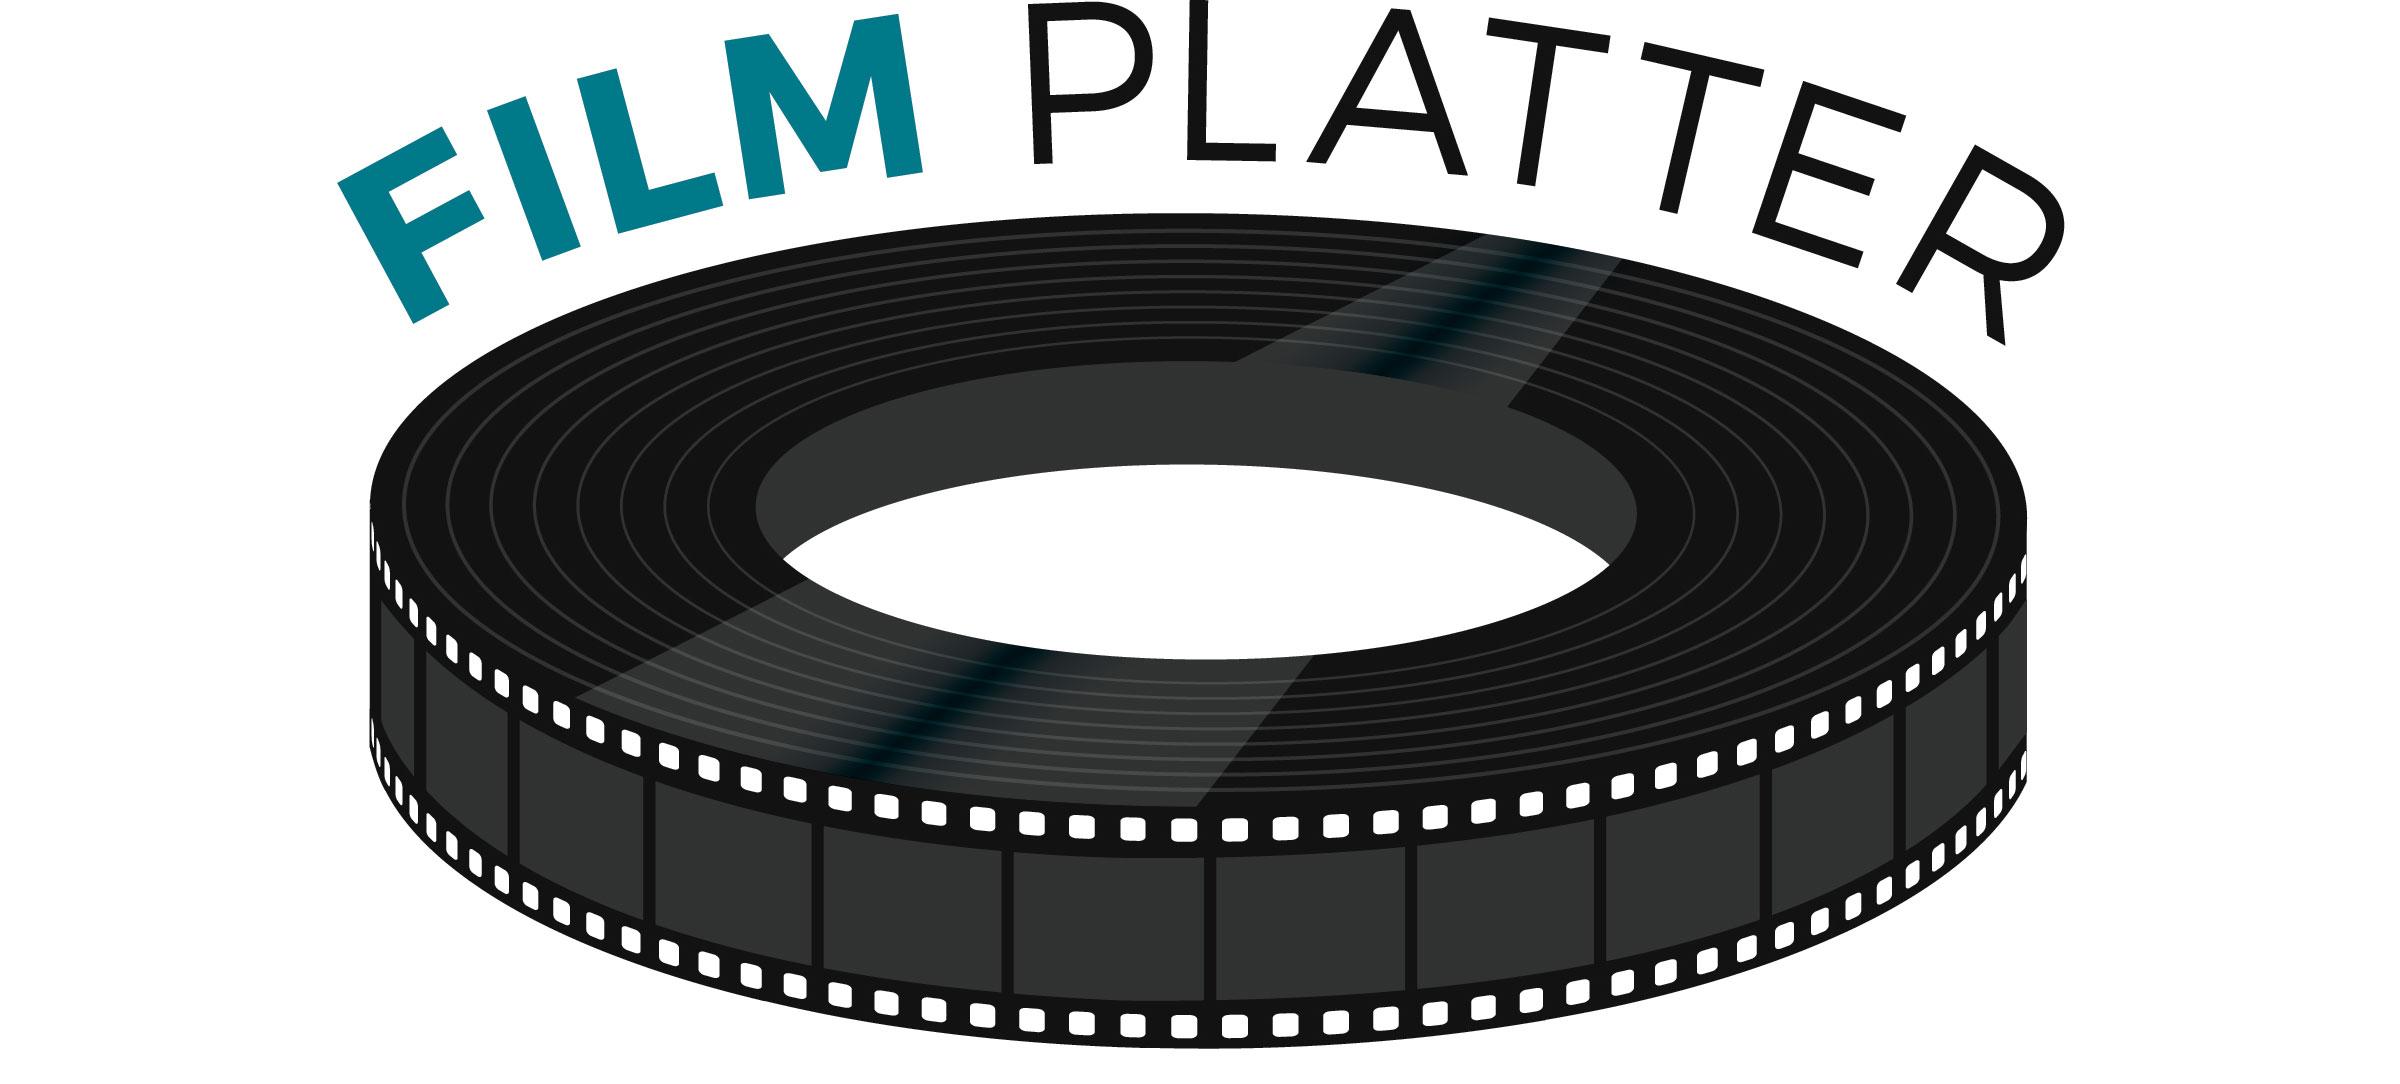 Film-Platter.jpg